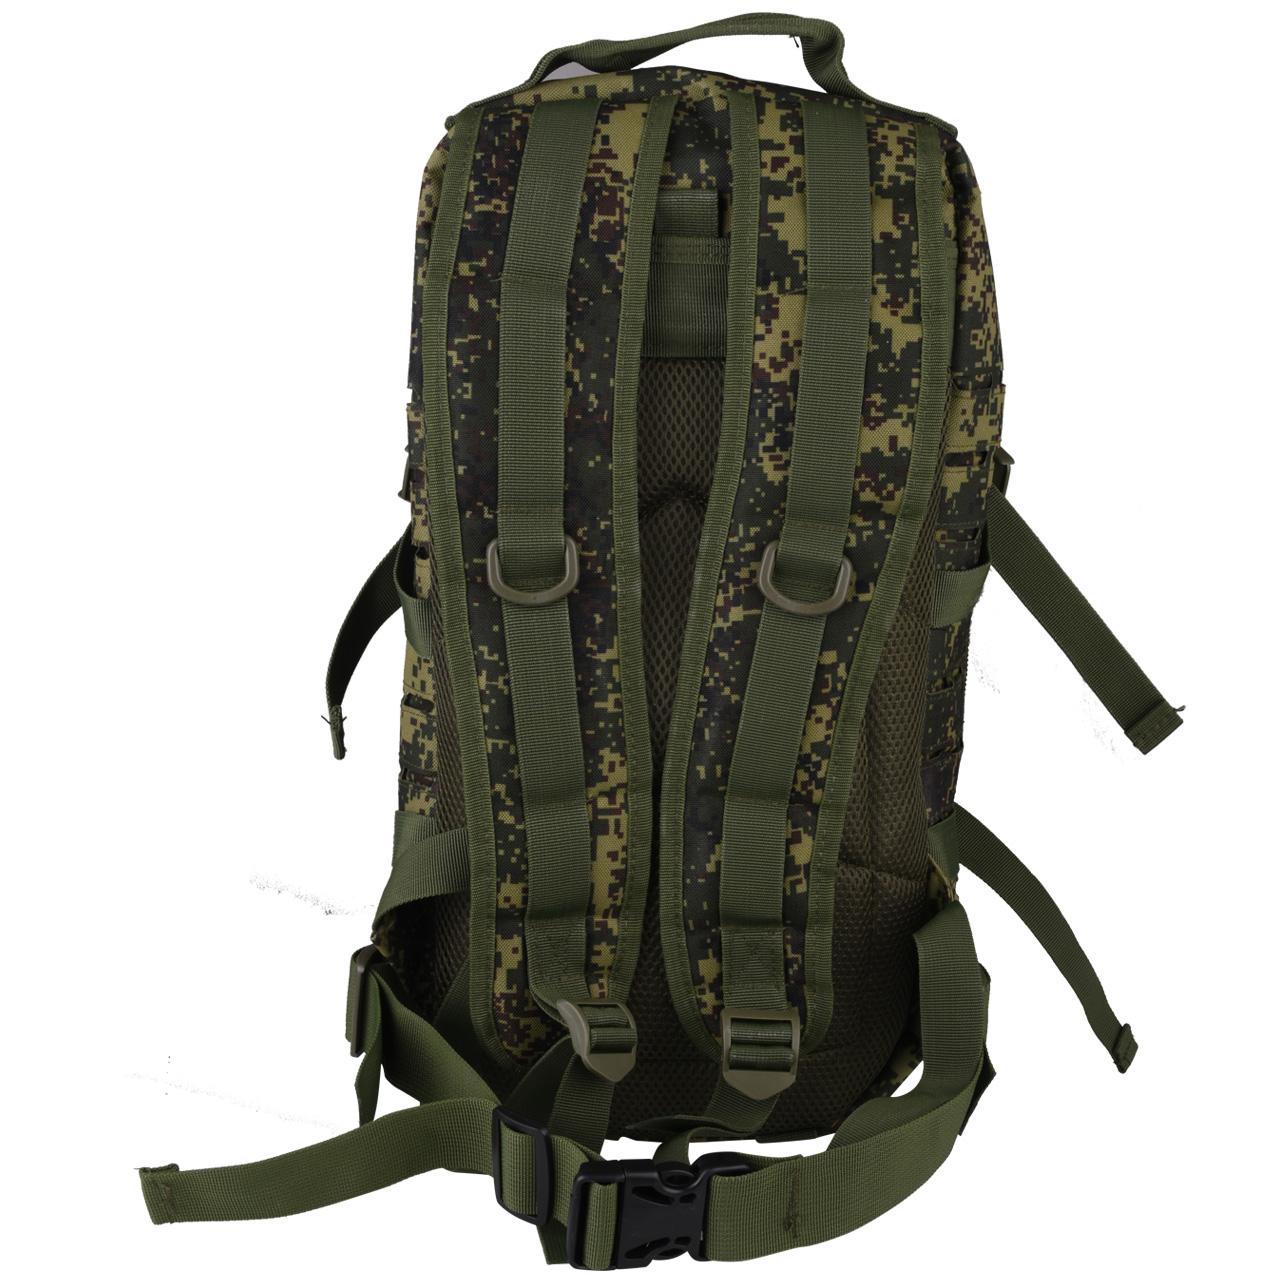 Охотничий практичный рюкзак с нашивкой Русская Охота - заказать онлайн